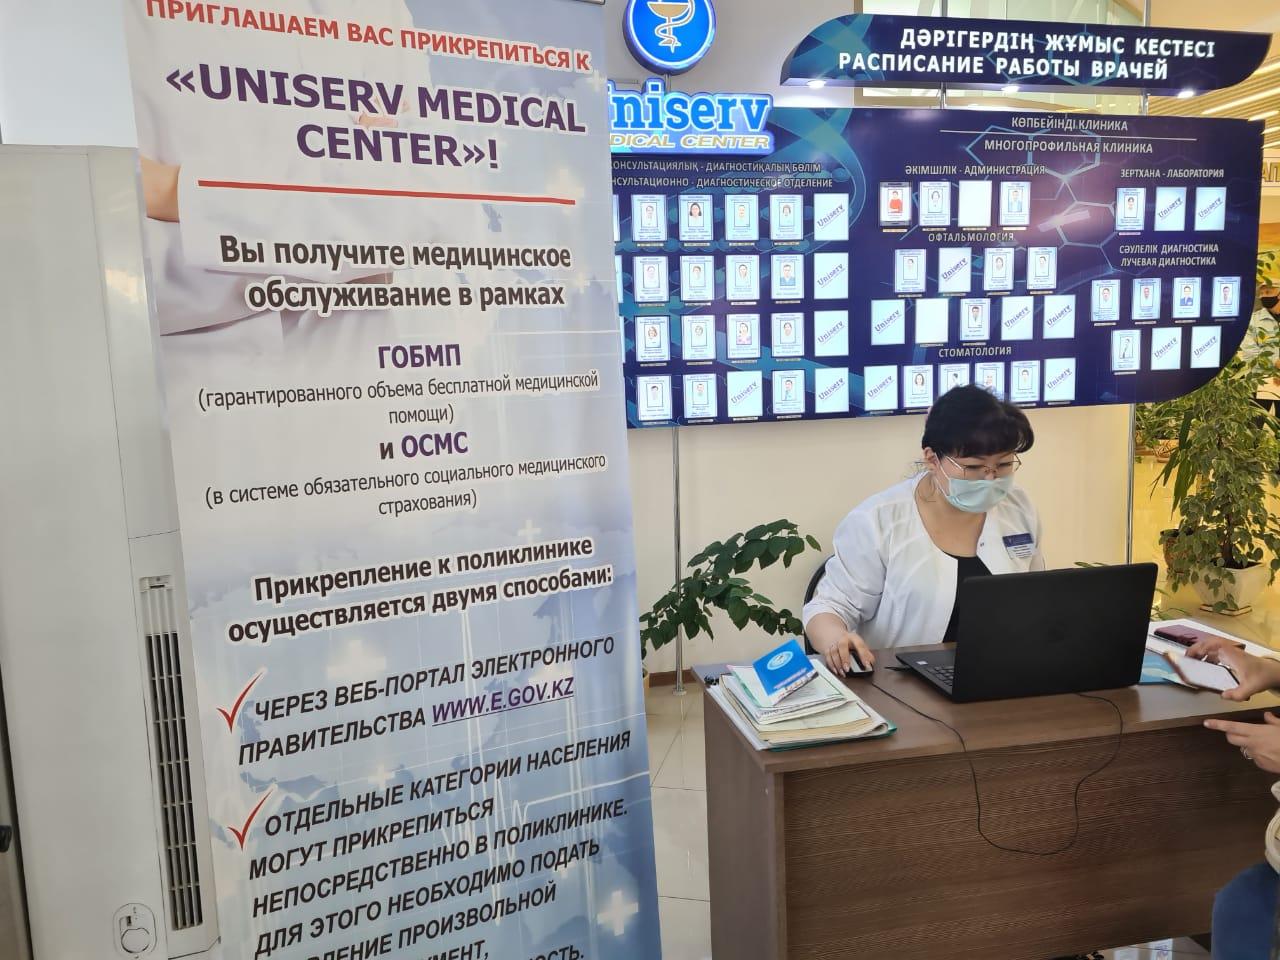 Uniserv Medical Center приглашает уральцев получить бесплатную медицинскую помощь Uniserv Medical Center приглашает уральцев получить бесплатную медицинскую помощь